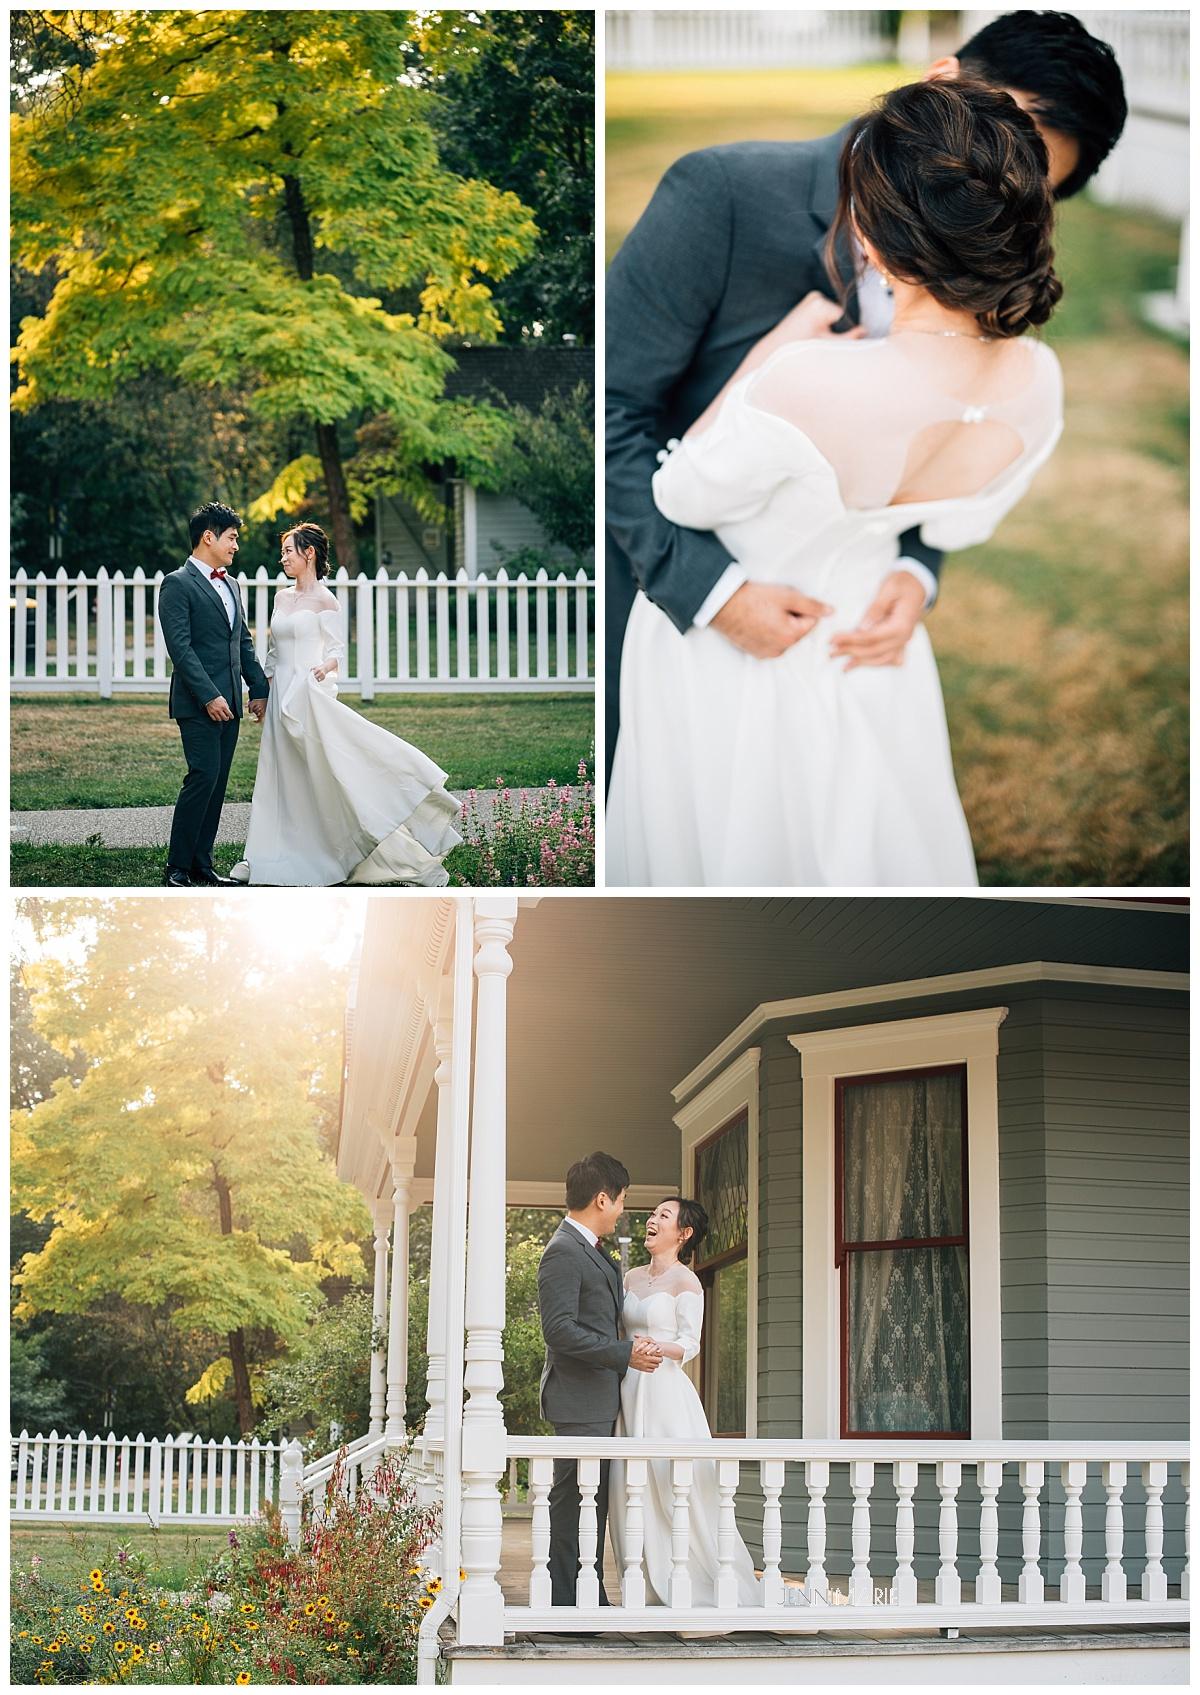 pre-wedding portraits in Surrey